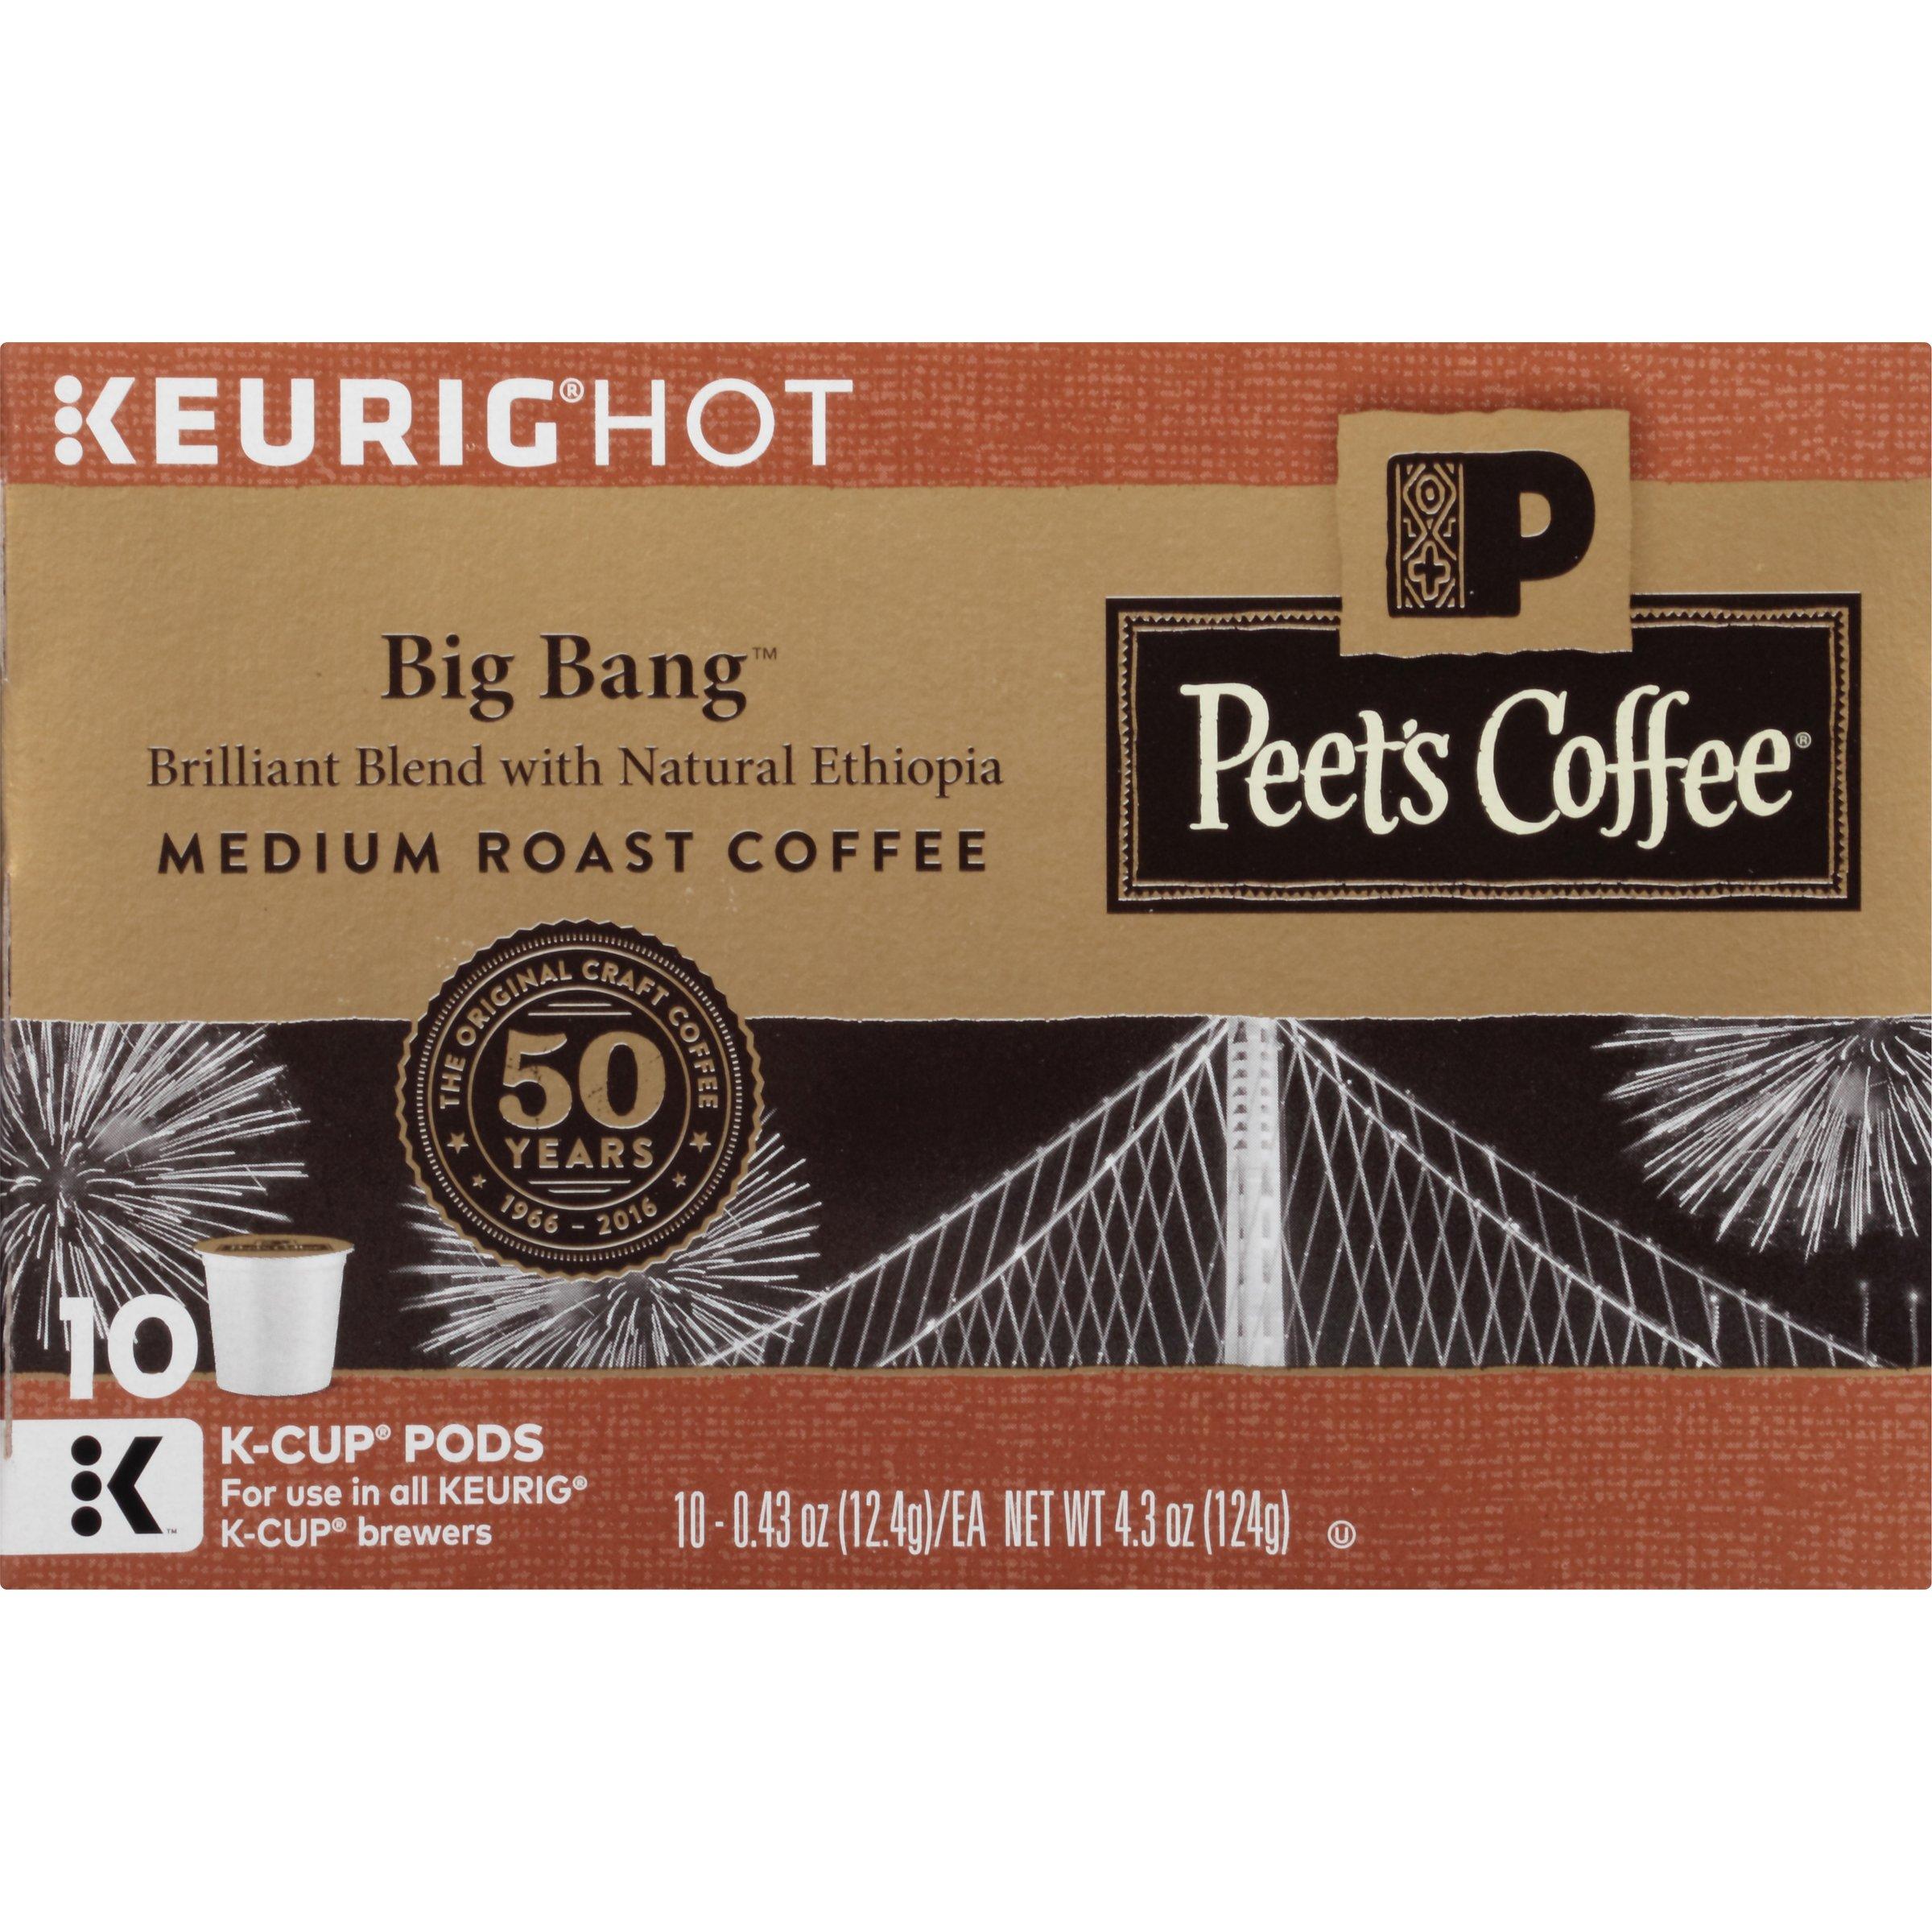 Peet's Coffee K-Cup Packs, Big Bang Medium Roast, 60 Count by Peet's Coffee